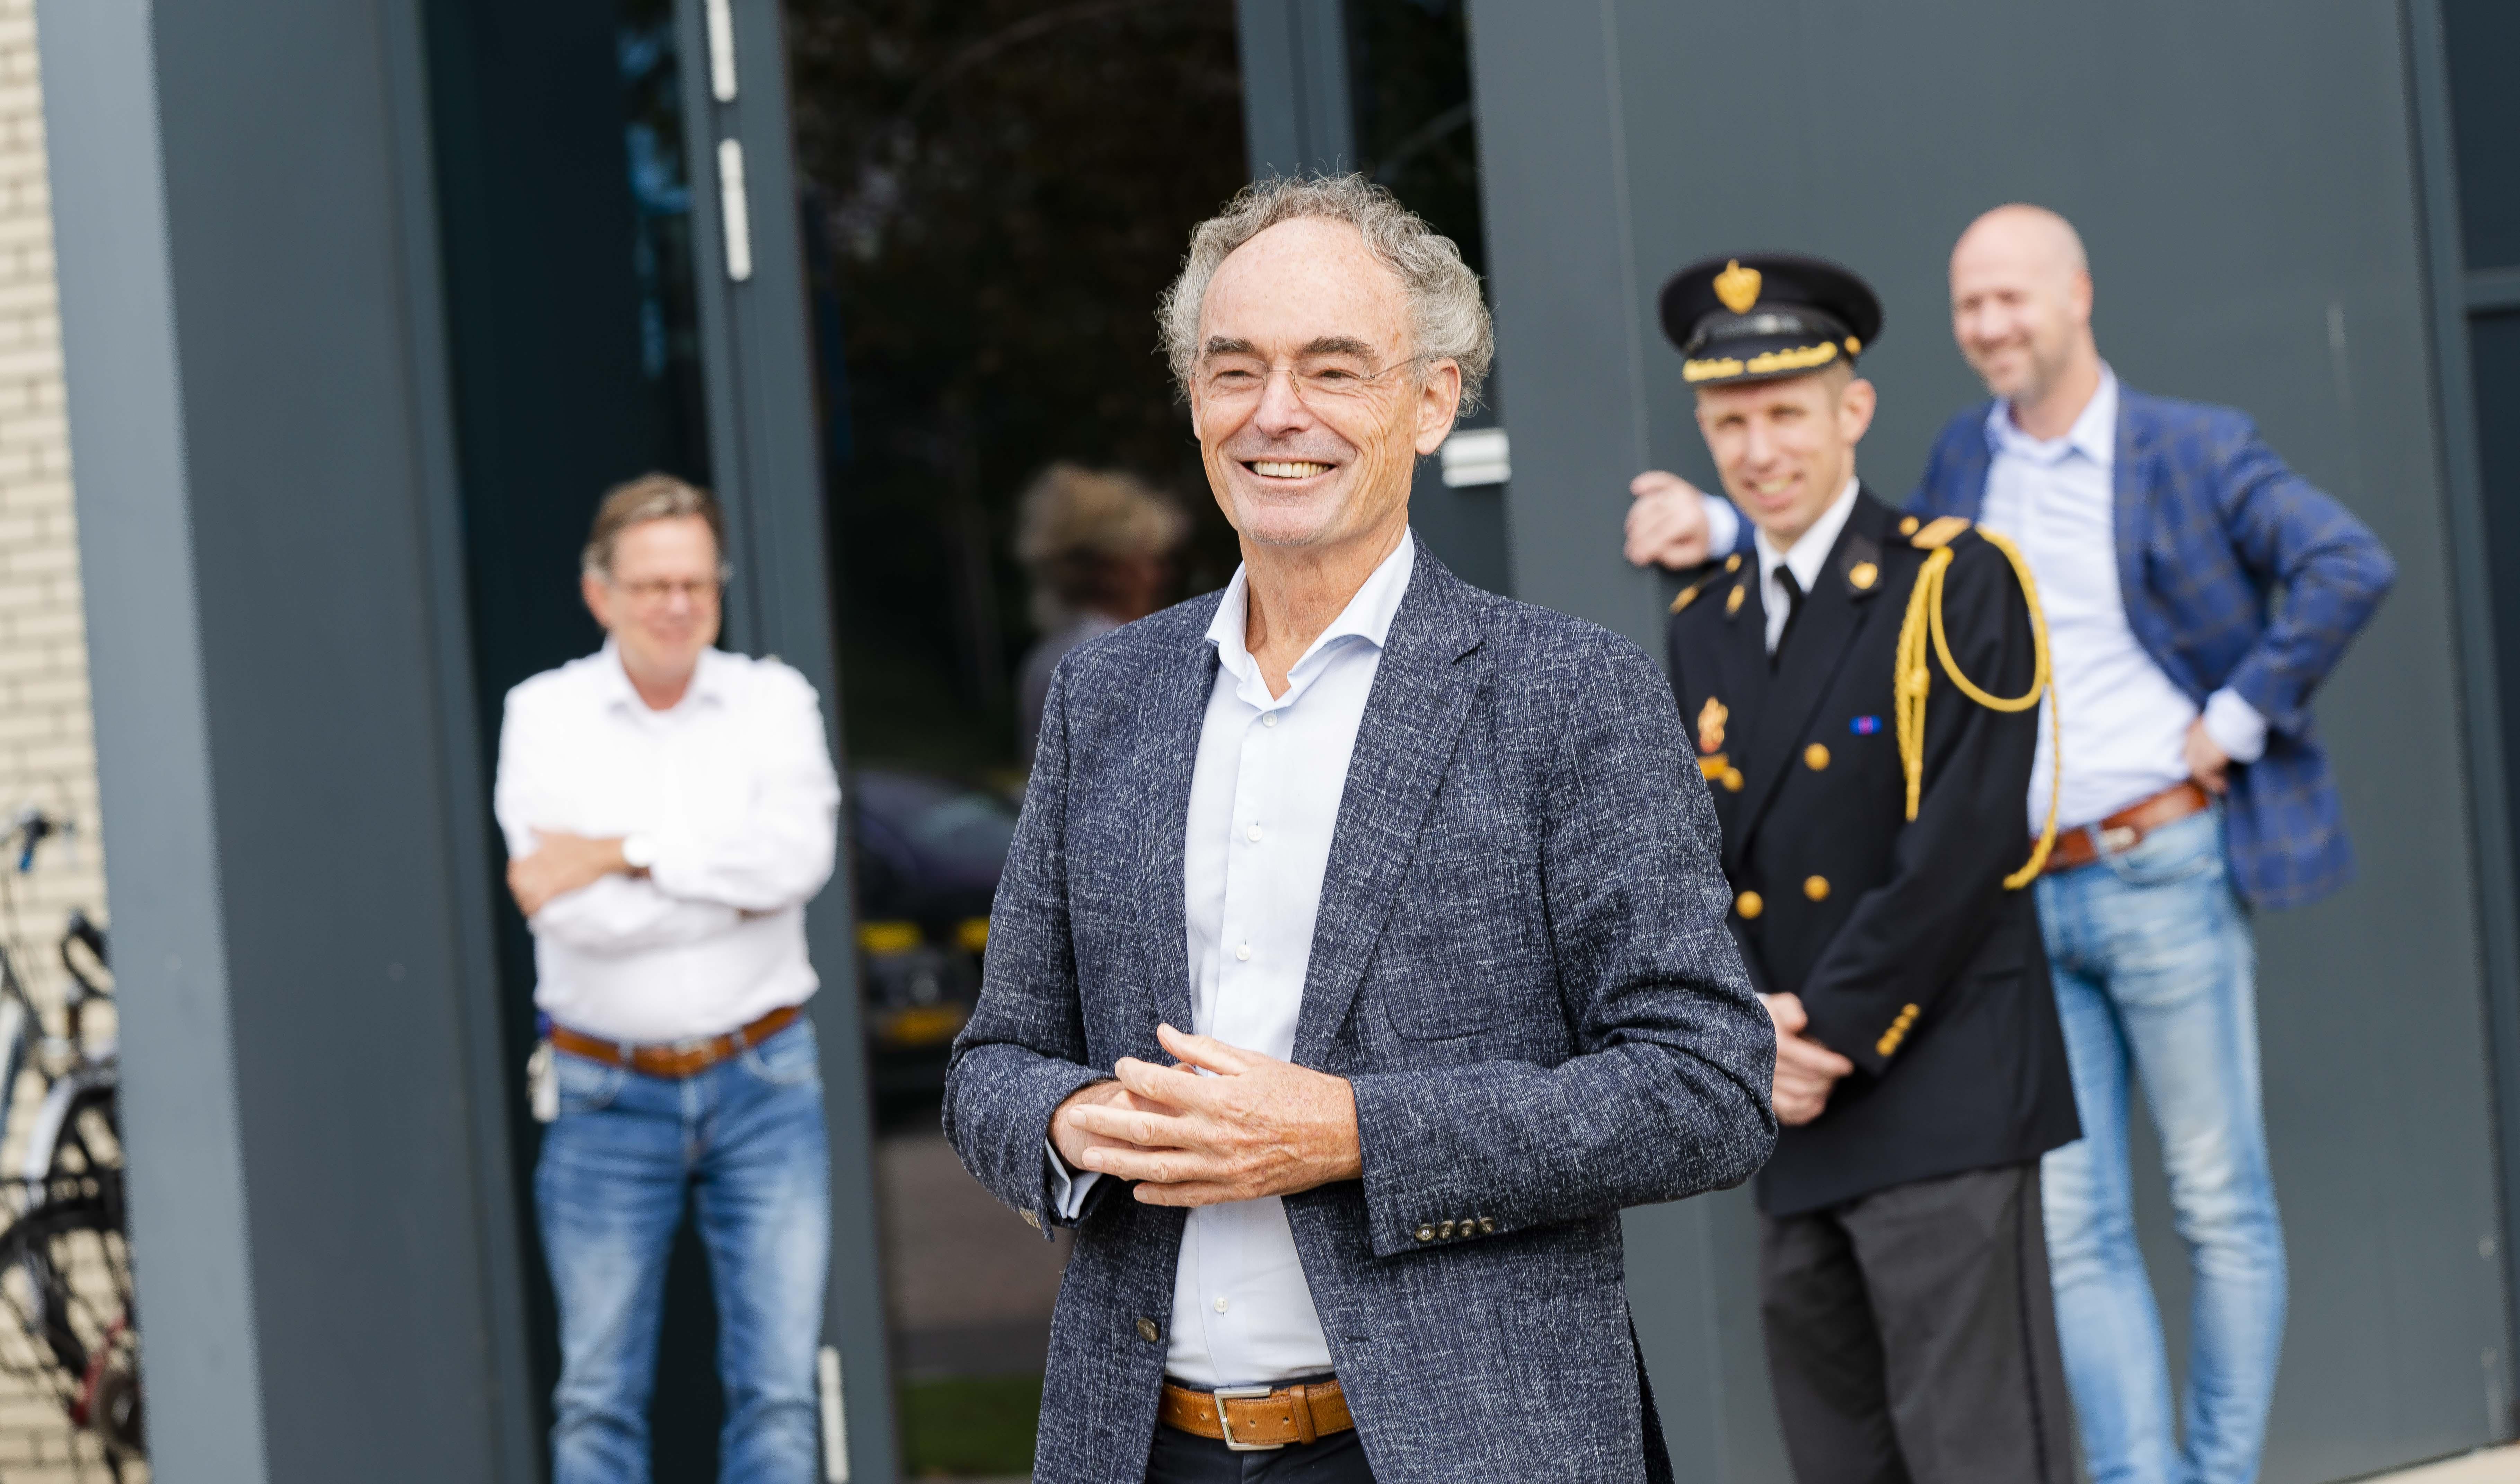 Ziekenhuizen in Alkmaar, Hoorn en Purmerend lopen door corona tegen hun grenzen aan: 'We zitten op zinkende Titanic en het orkest speelt door'